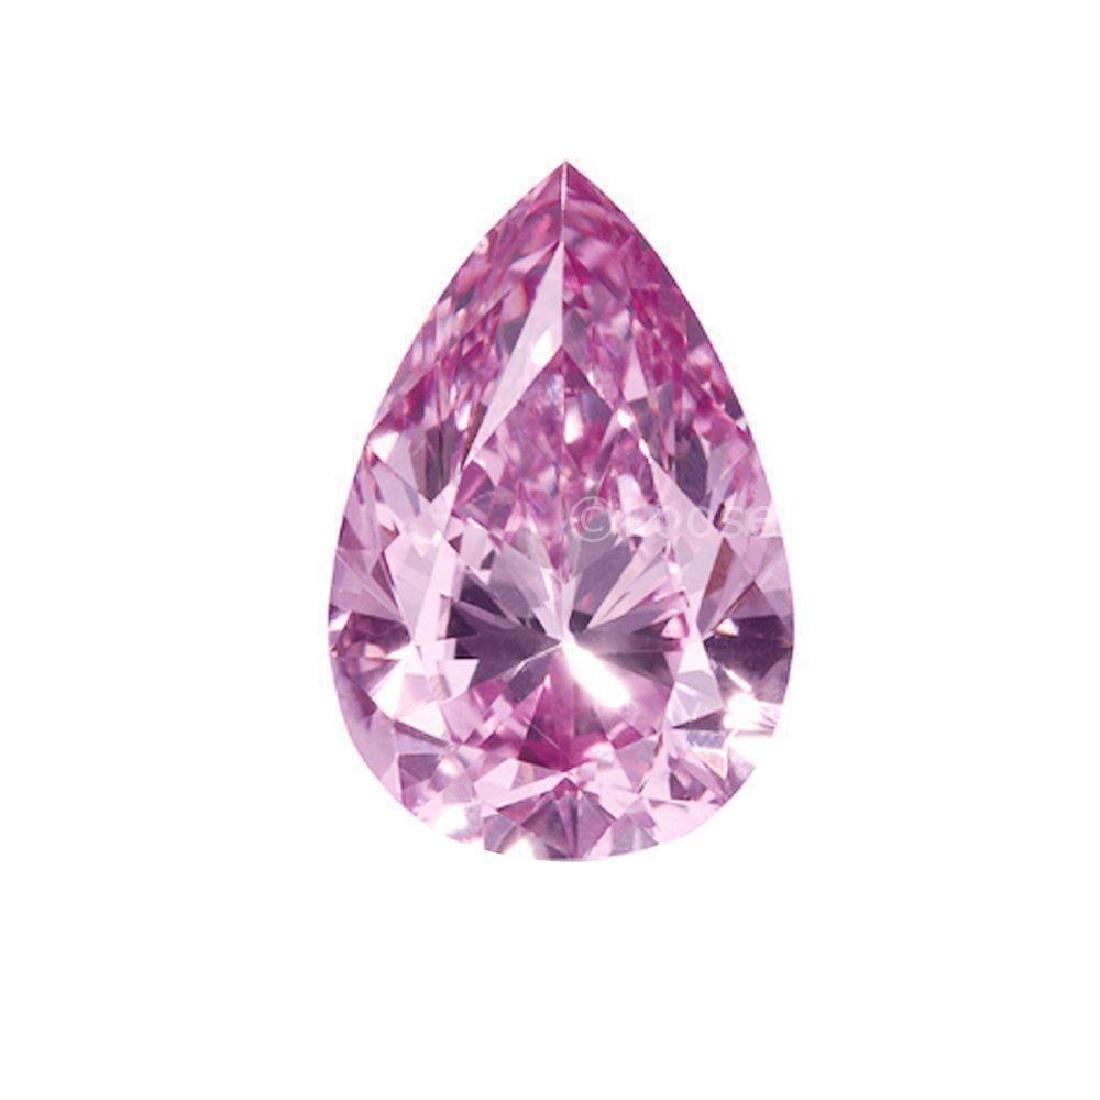 Fiery 5.00 ct 13.00 x 10.70 mm Pear Cut Fancy Pink